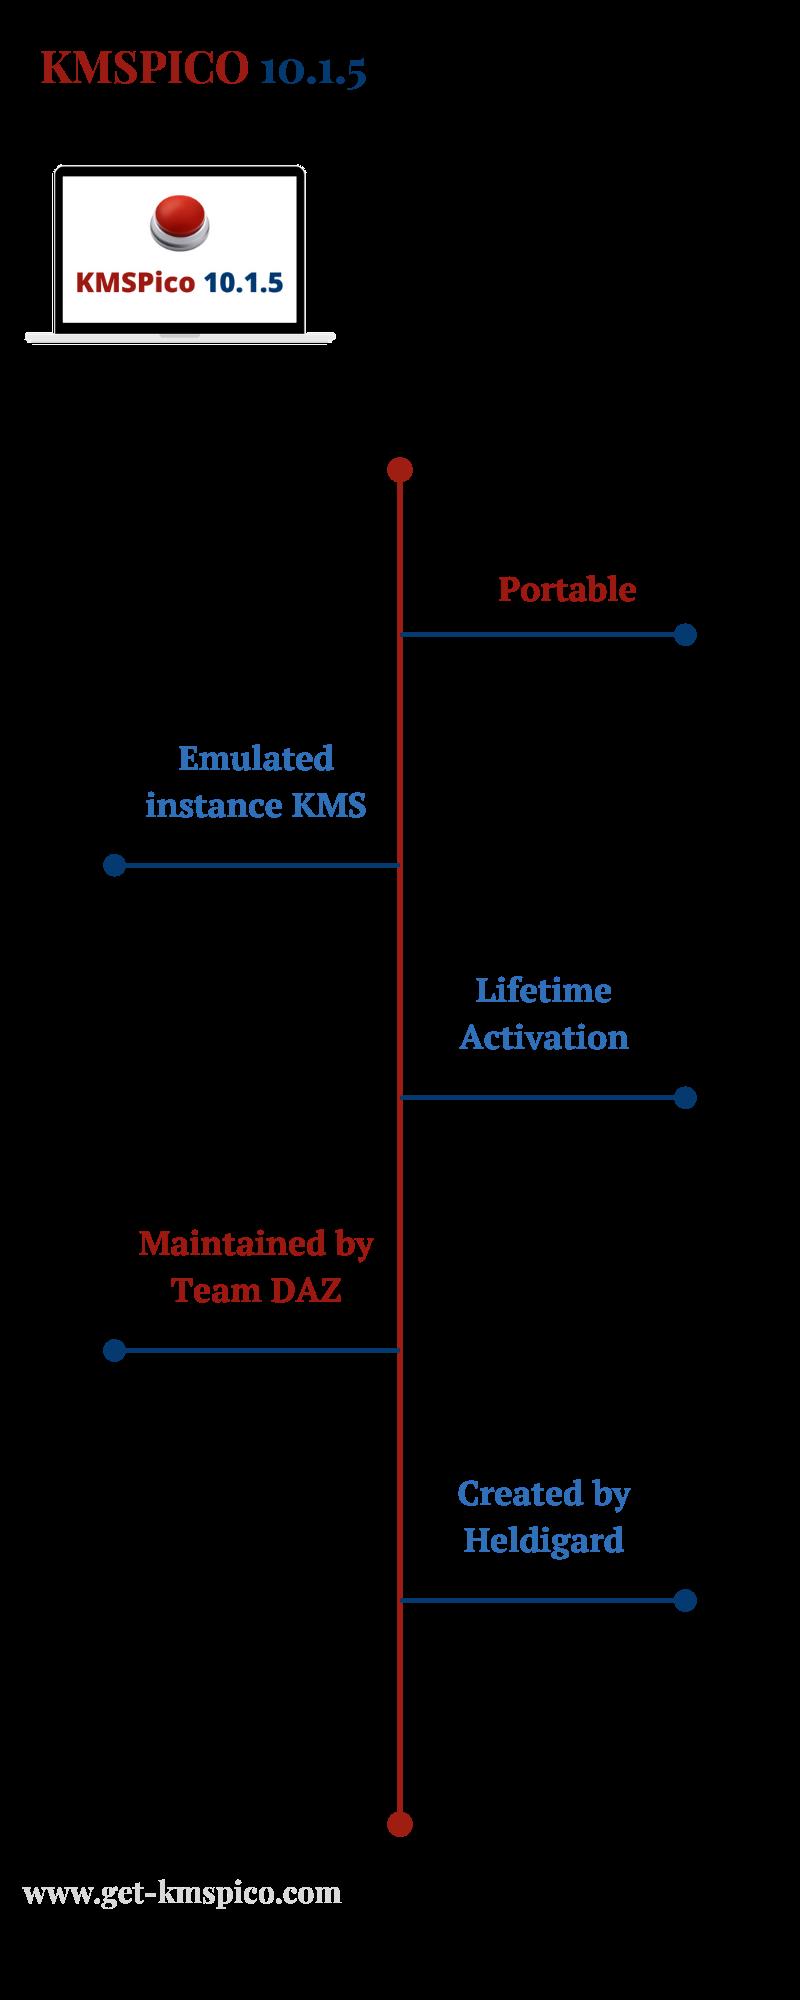 KMSPico-10.1.5-Infographic